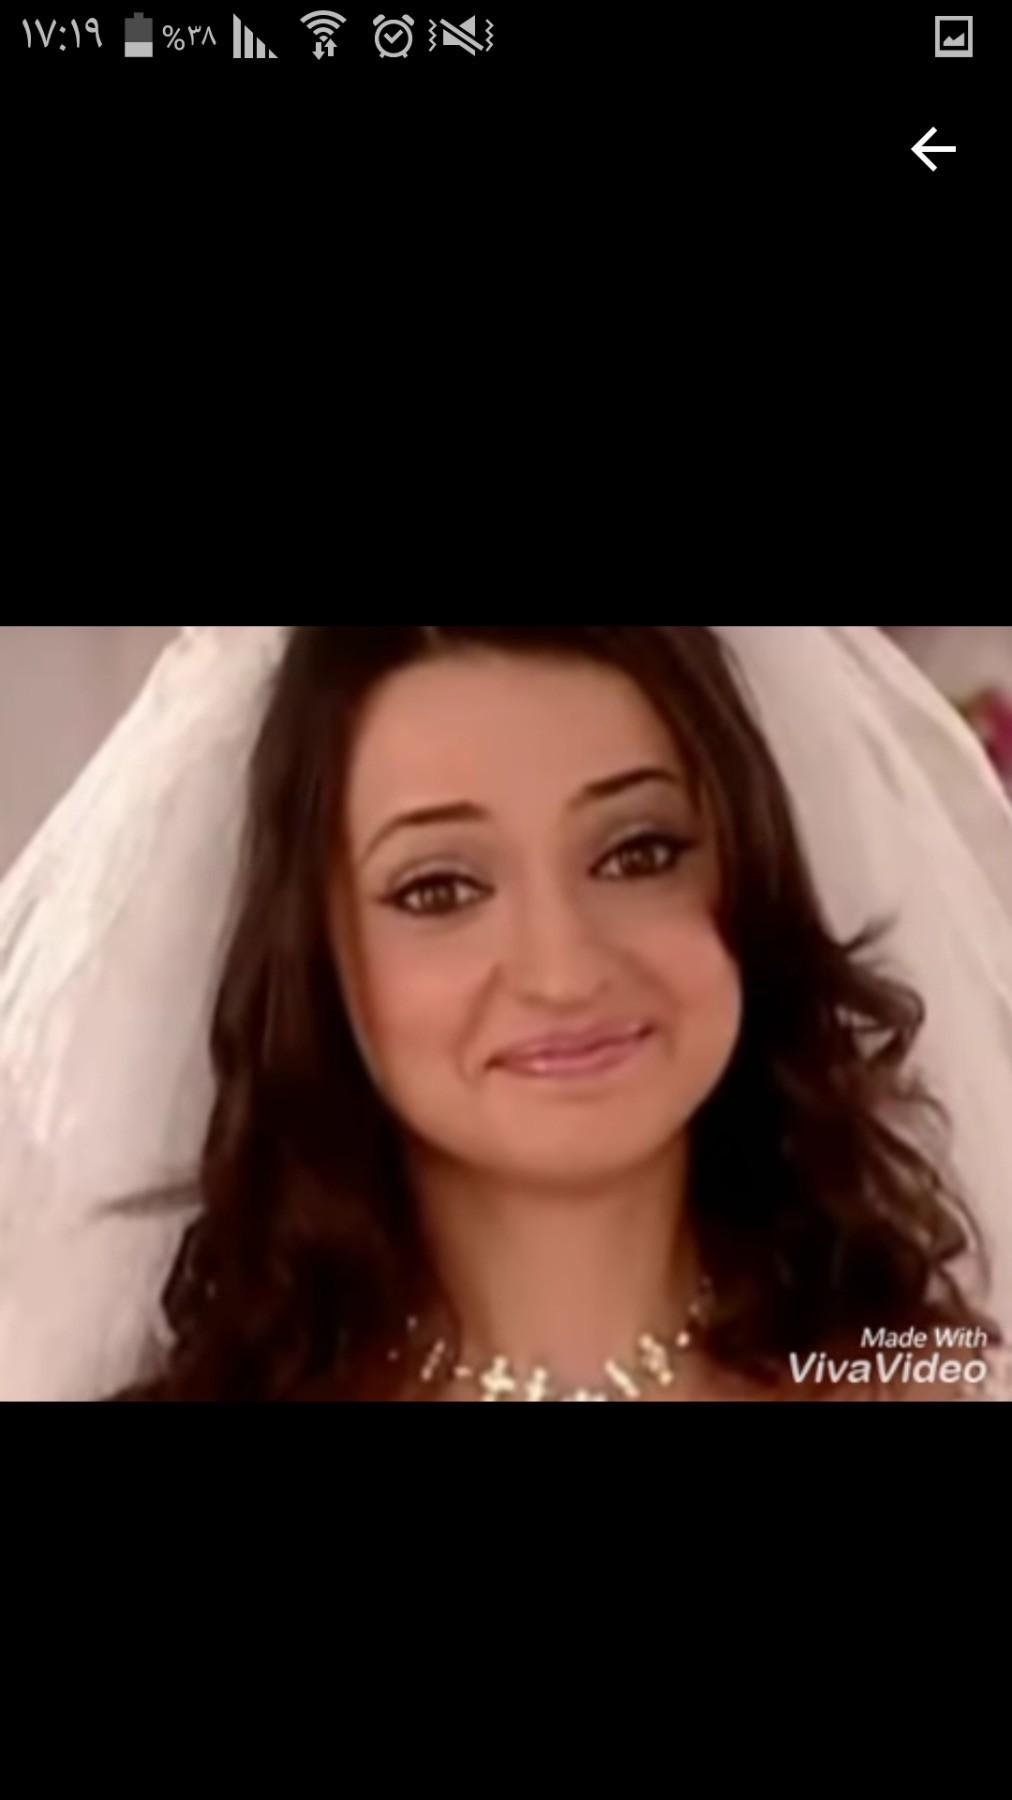 من يعلم إن الممثلة الهندية سانيا أراني زوجة الممثل حيدر الذي يضهر في مسلسل قبول